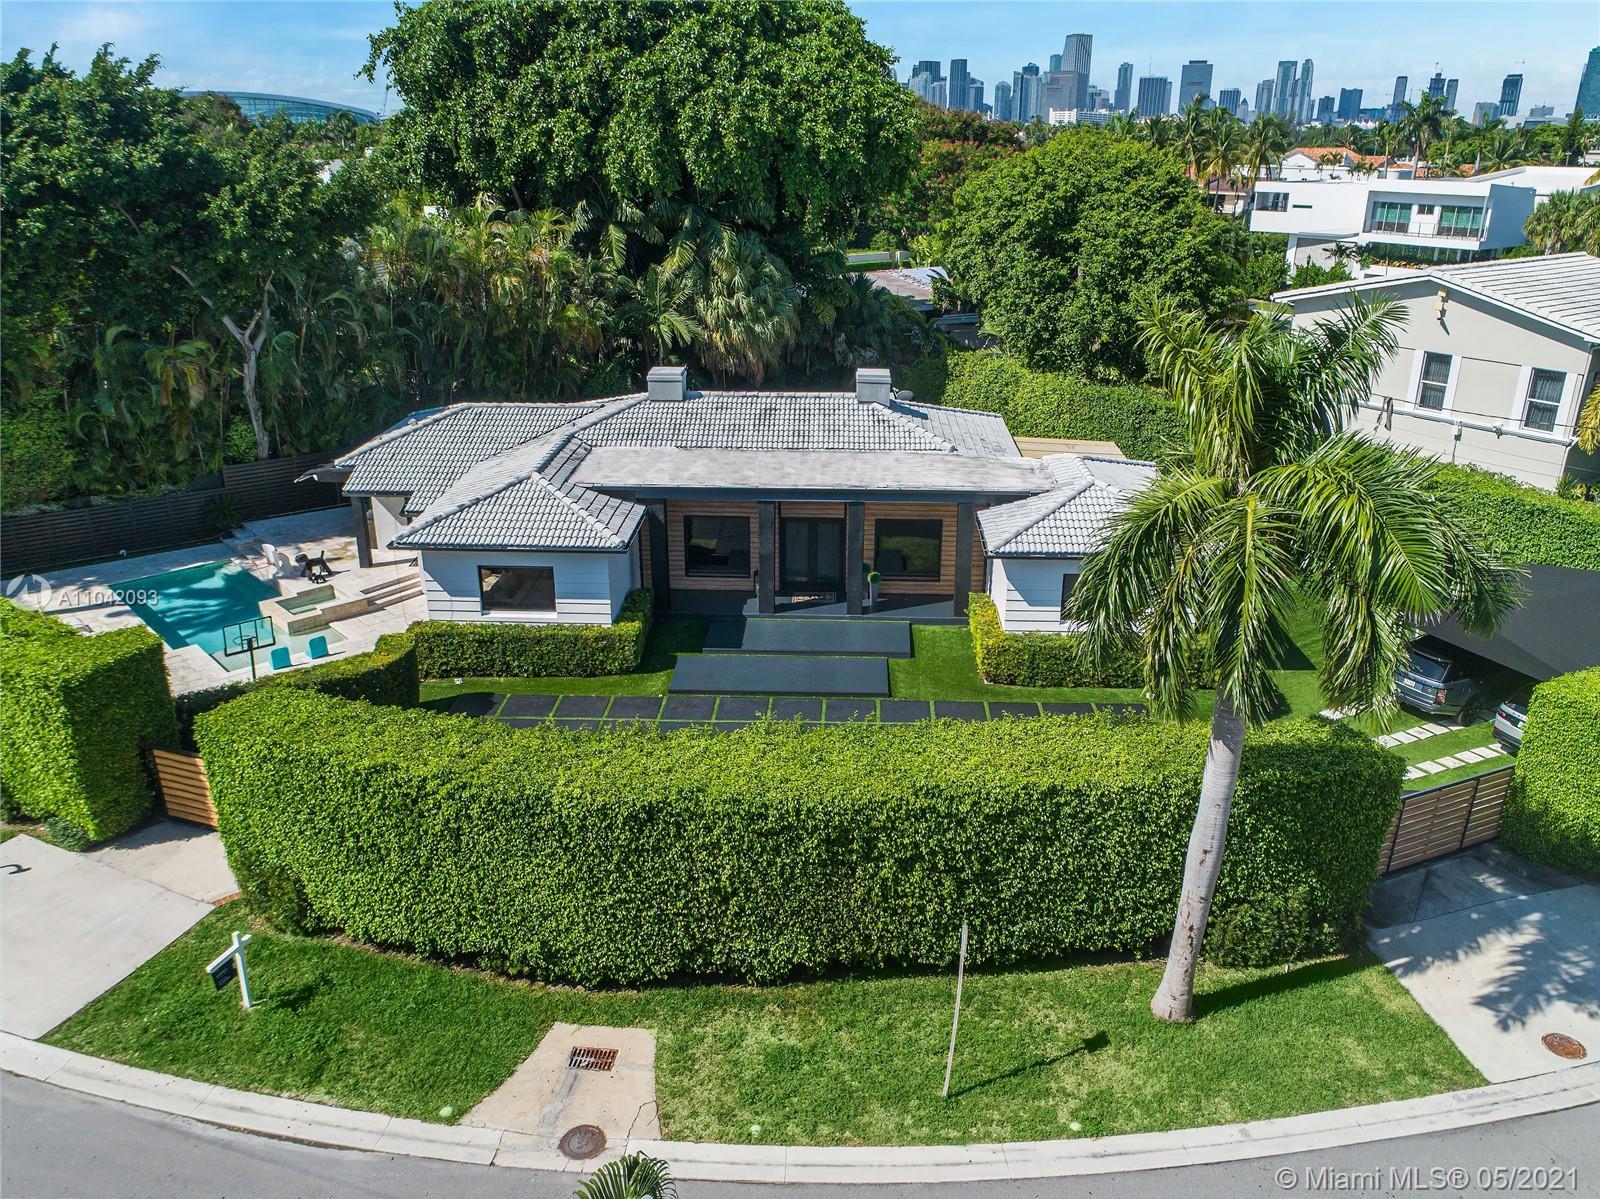 22 Hibiscus Dr, Miami Beach, Florida 33139